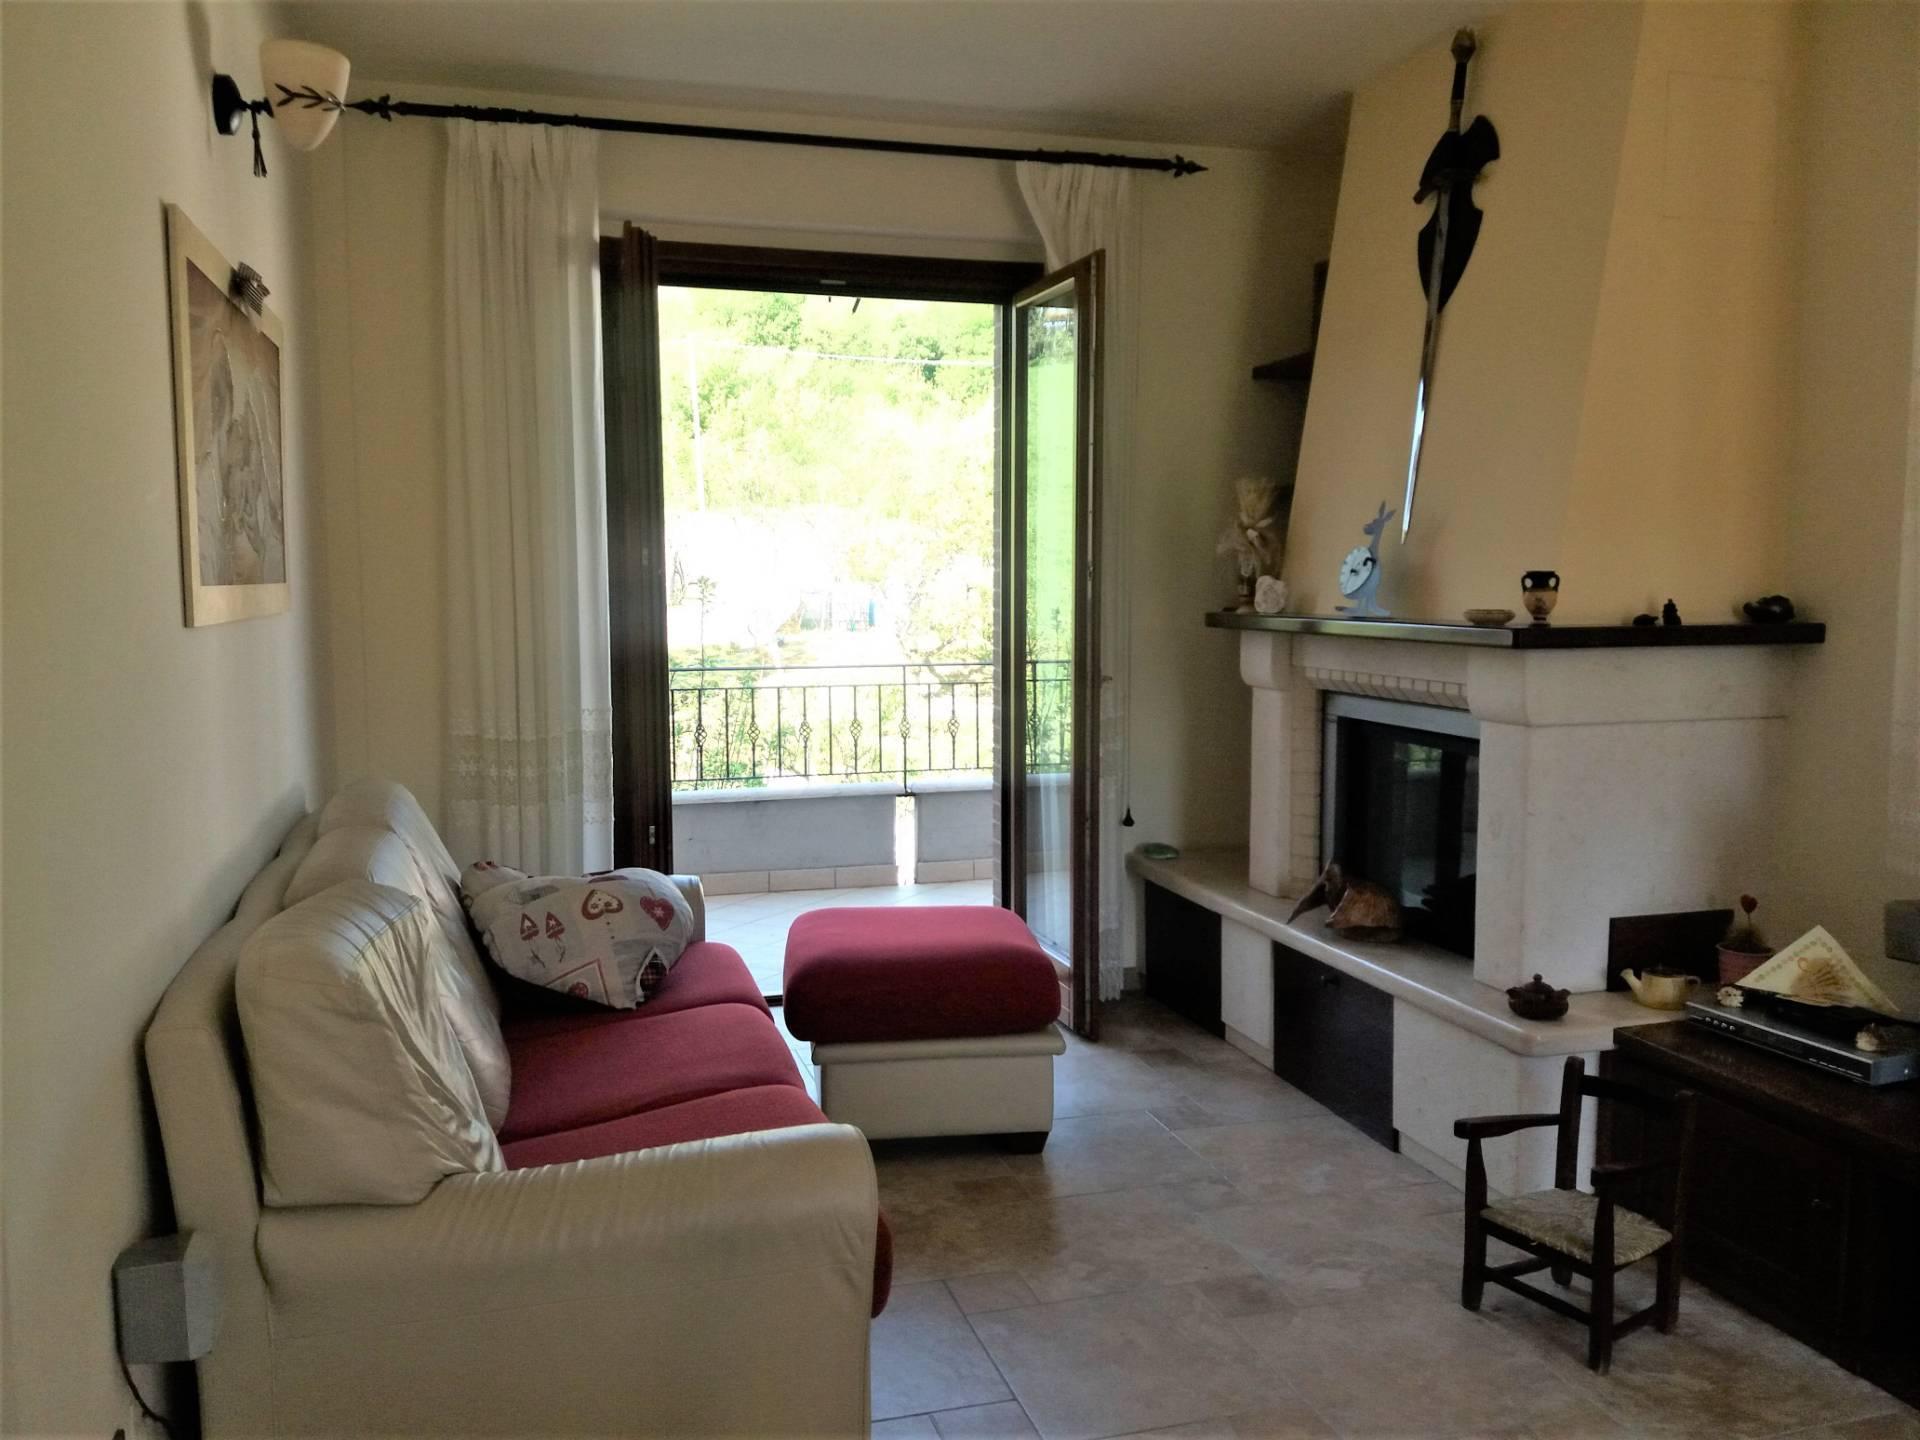 Appartamento in vendita a Roccafluvione, 5 locali, prezzo € 120.000 | CambioCasa.it